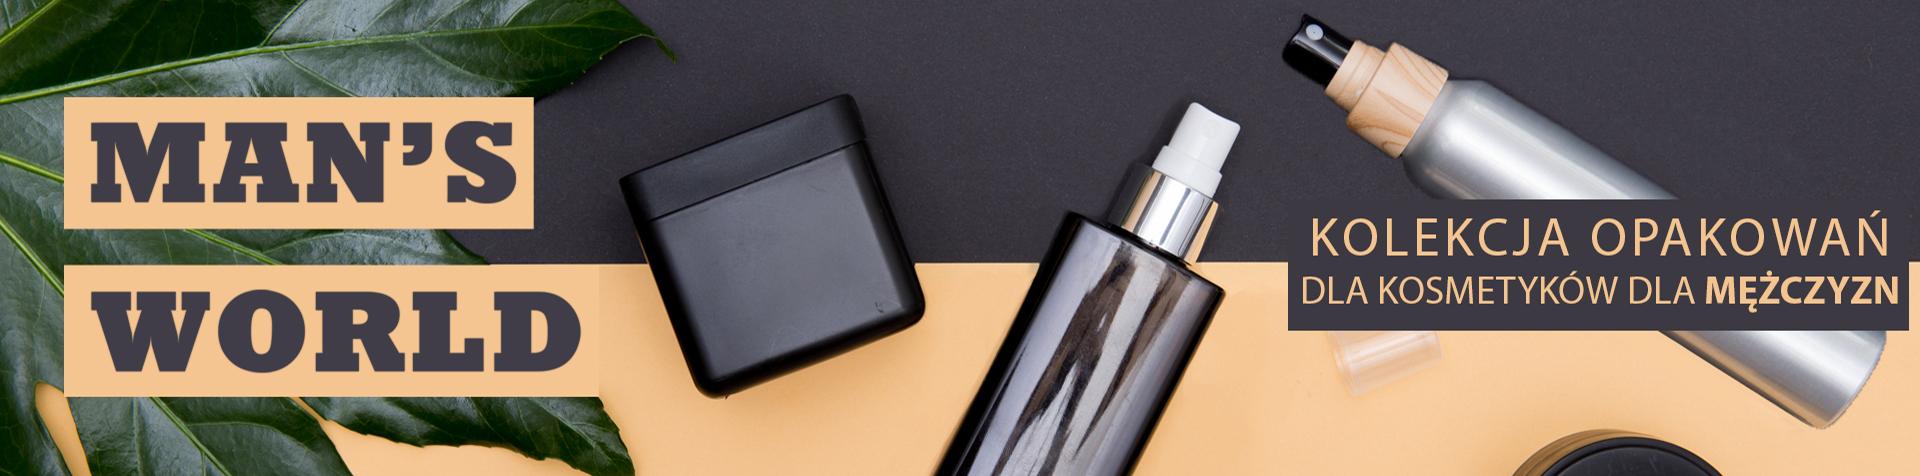 Opakowania dla męskich kosmetyków